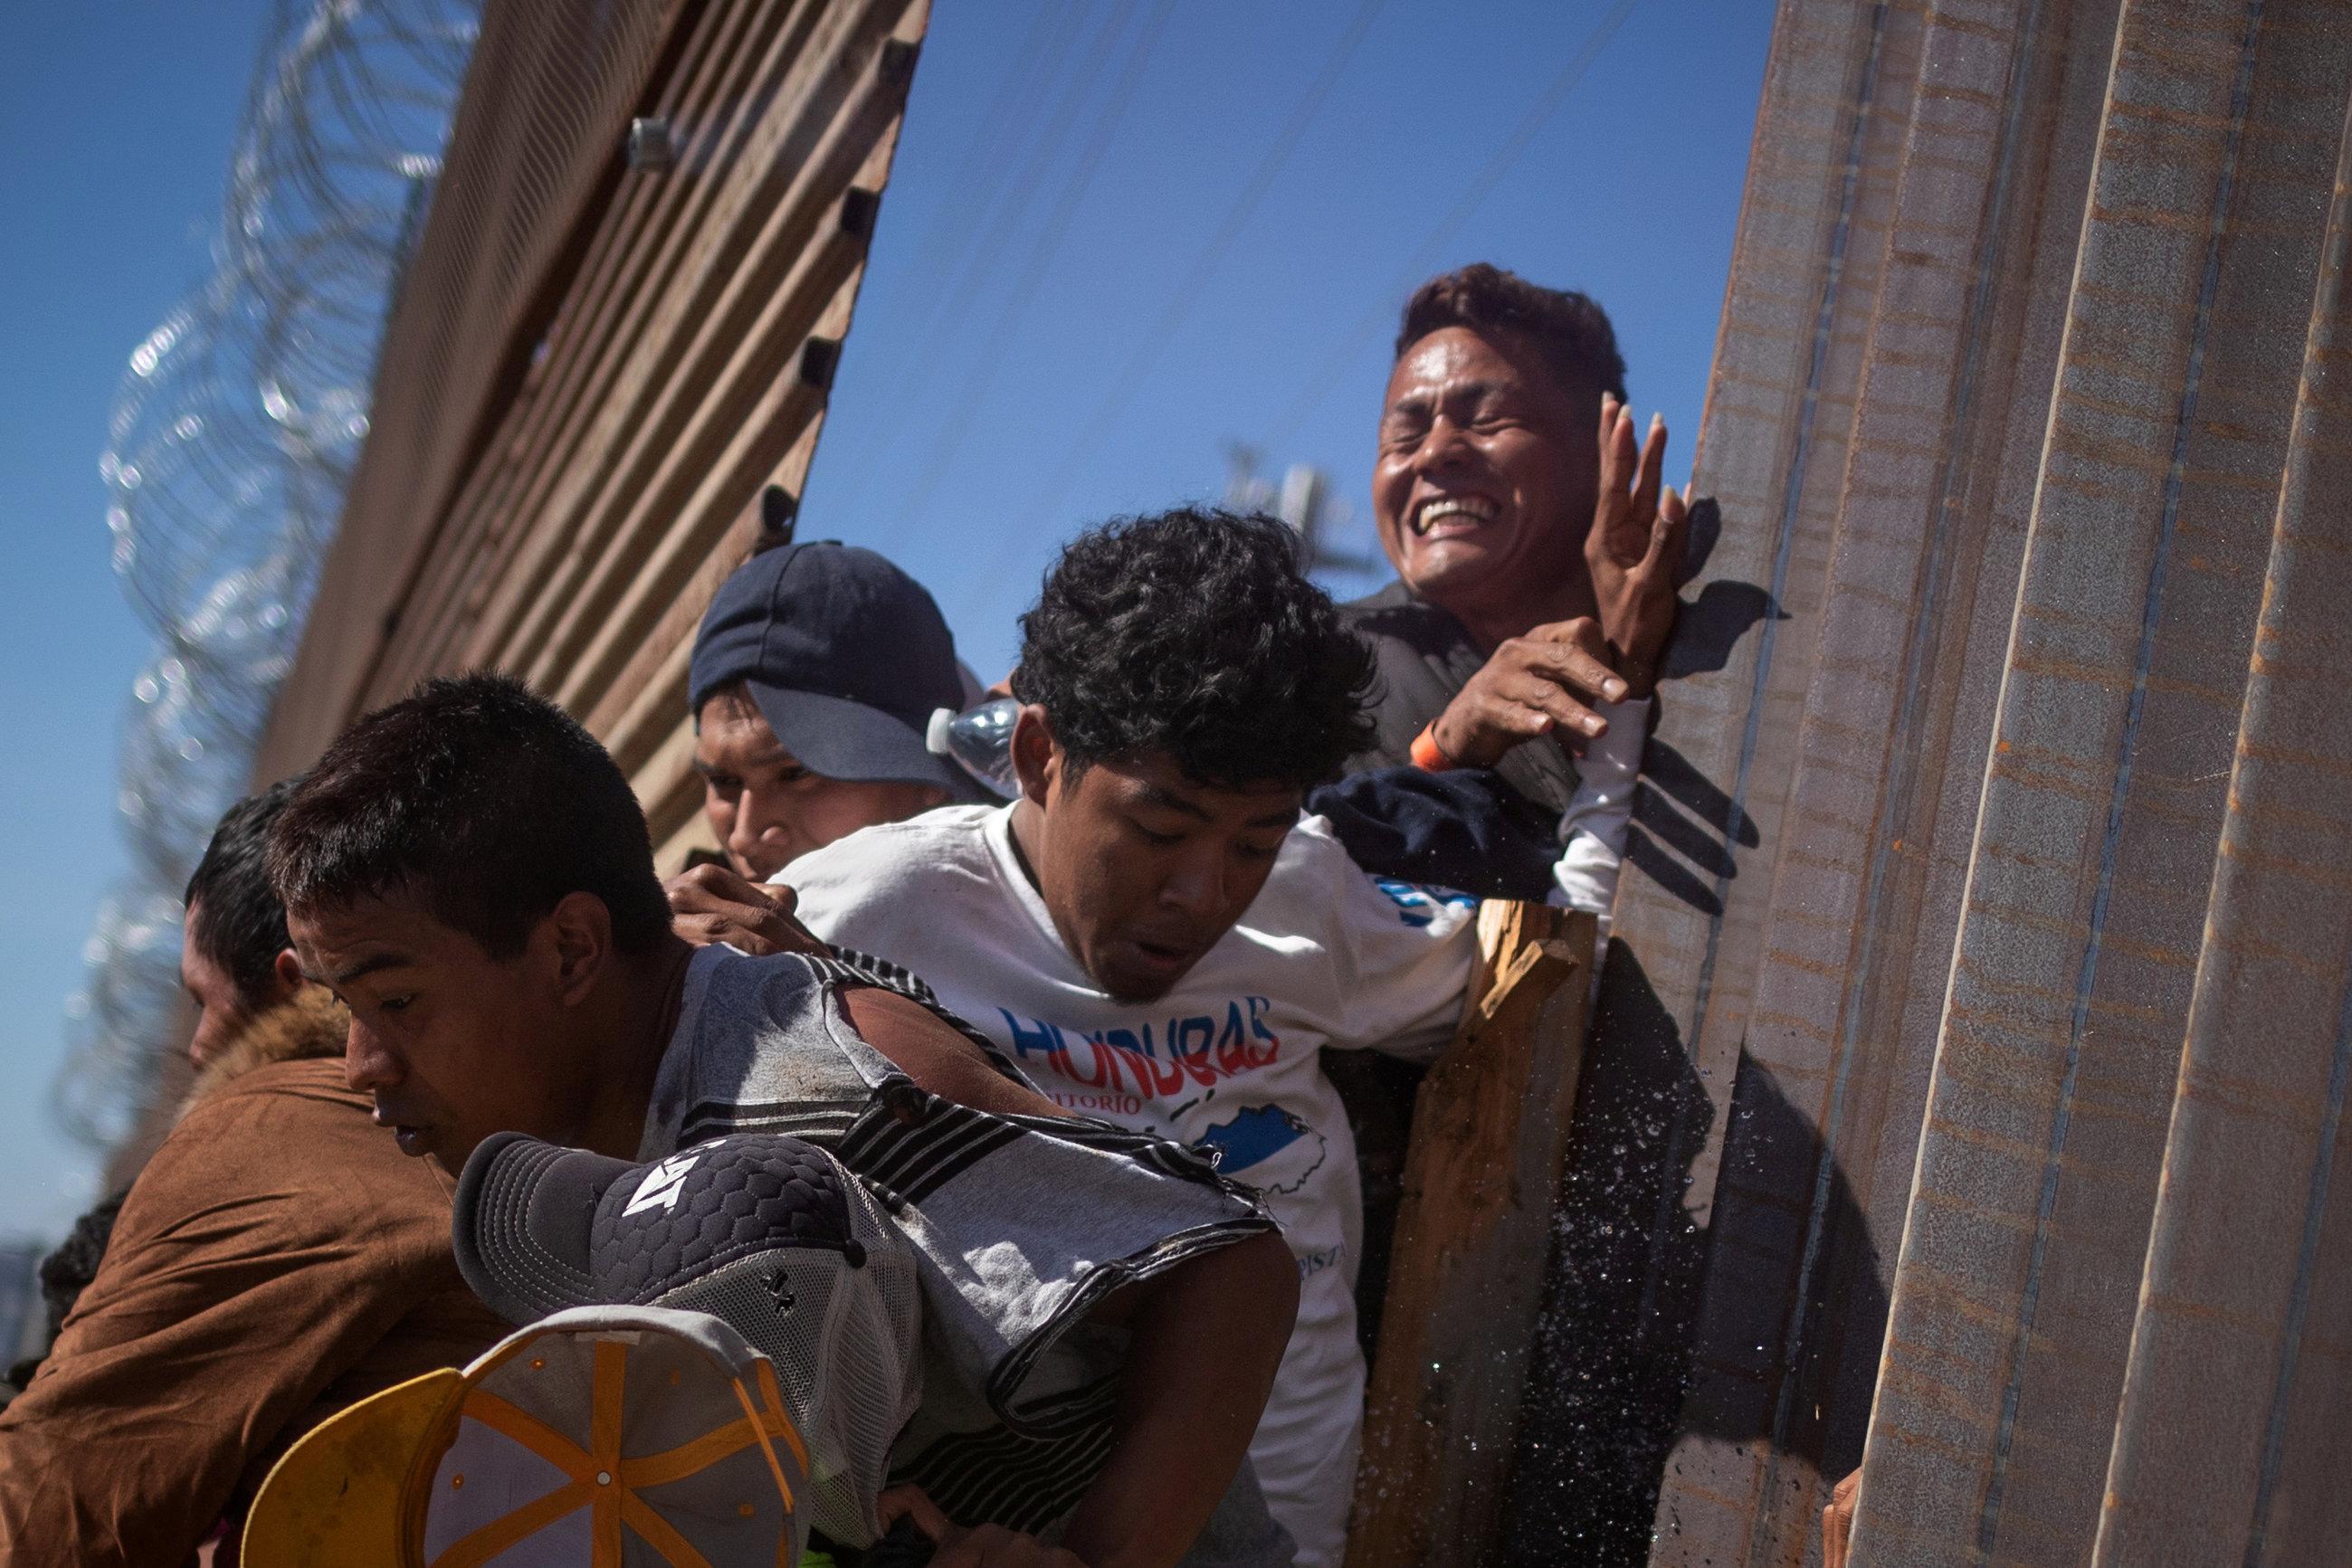 محاولات المهاجرين الفرار